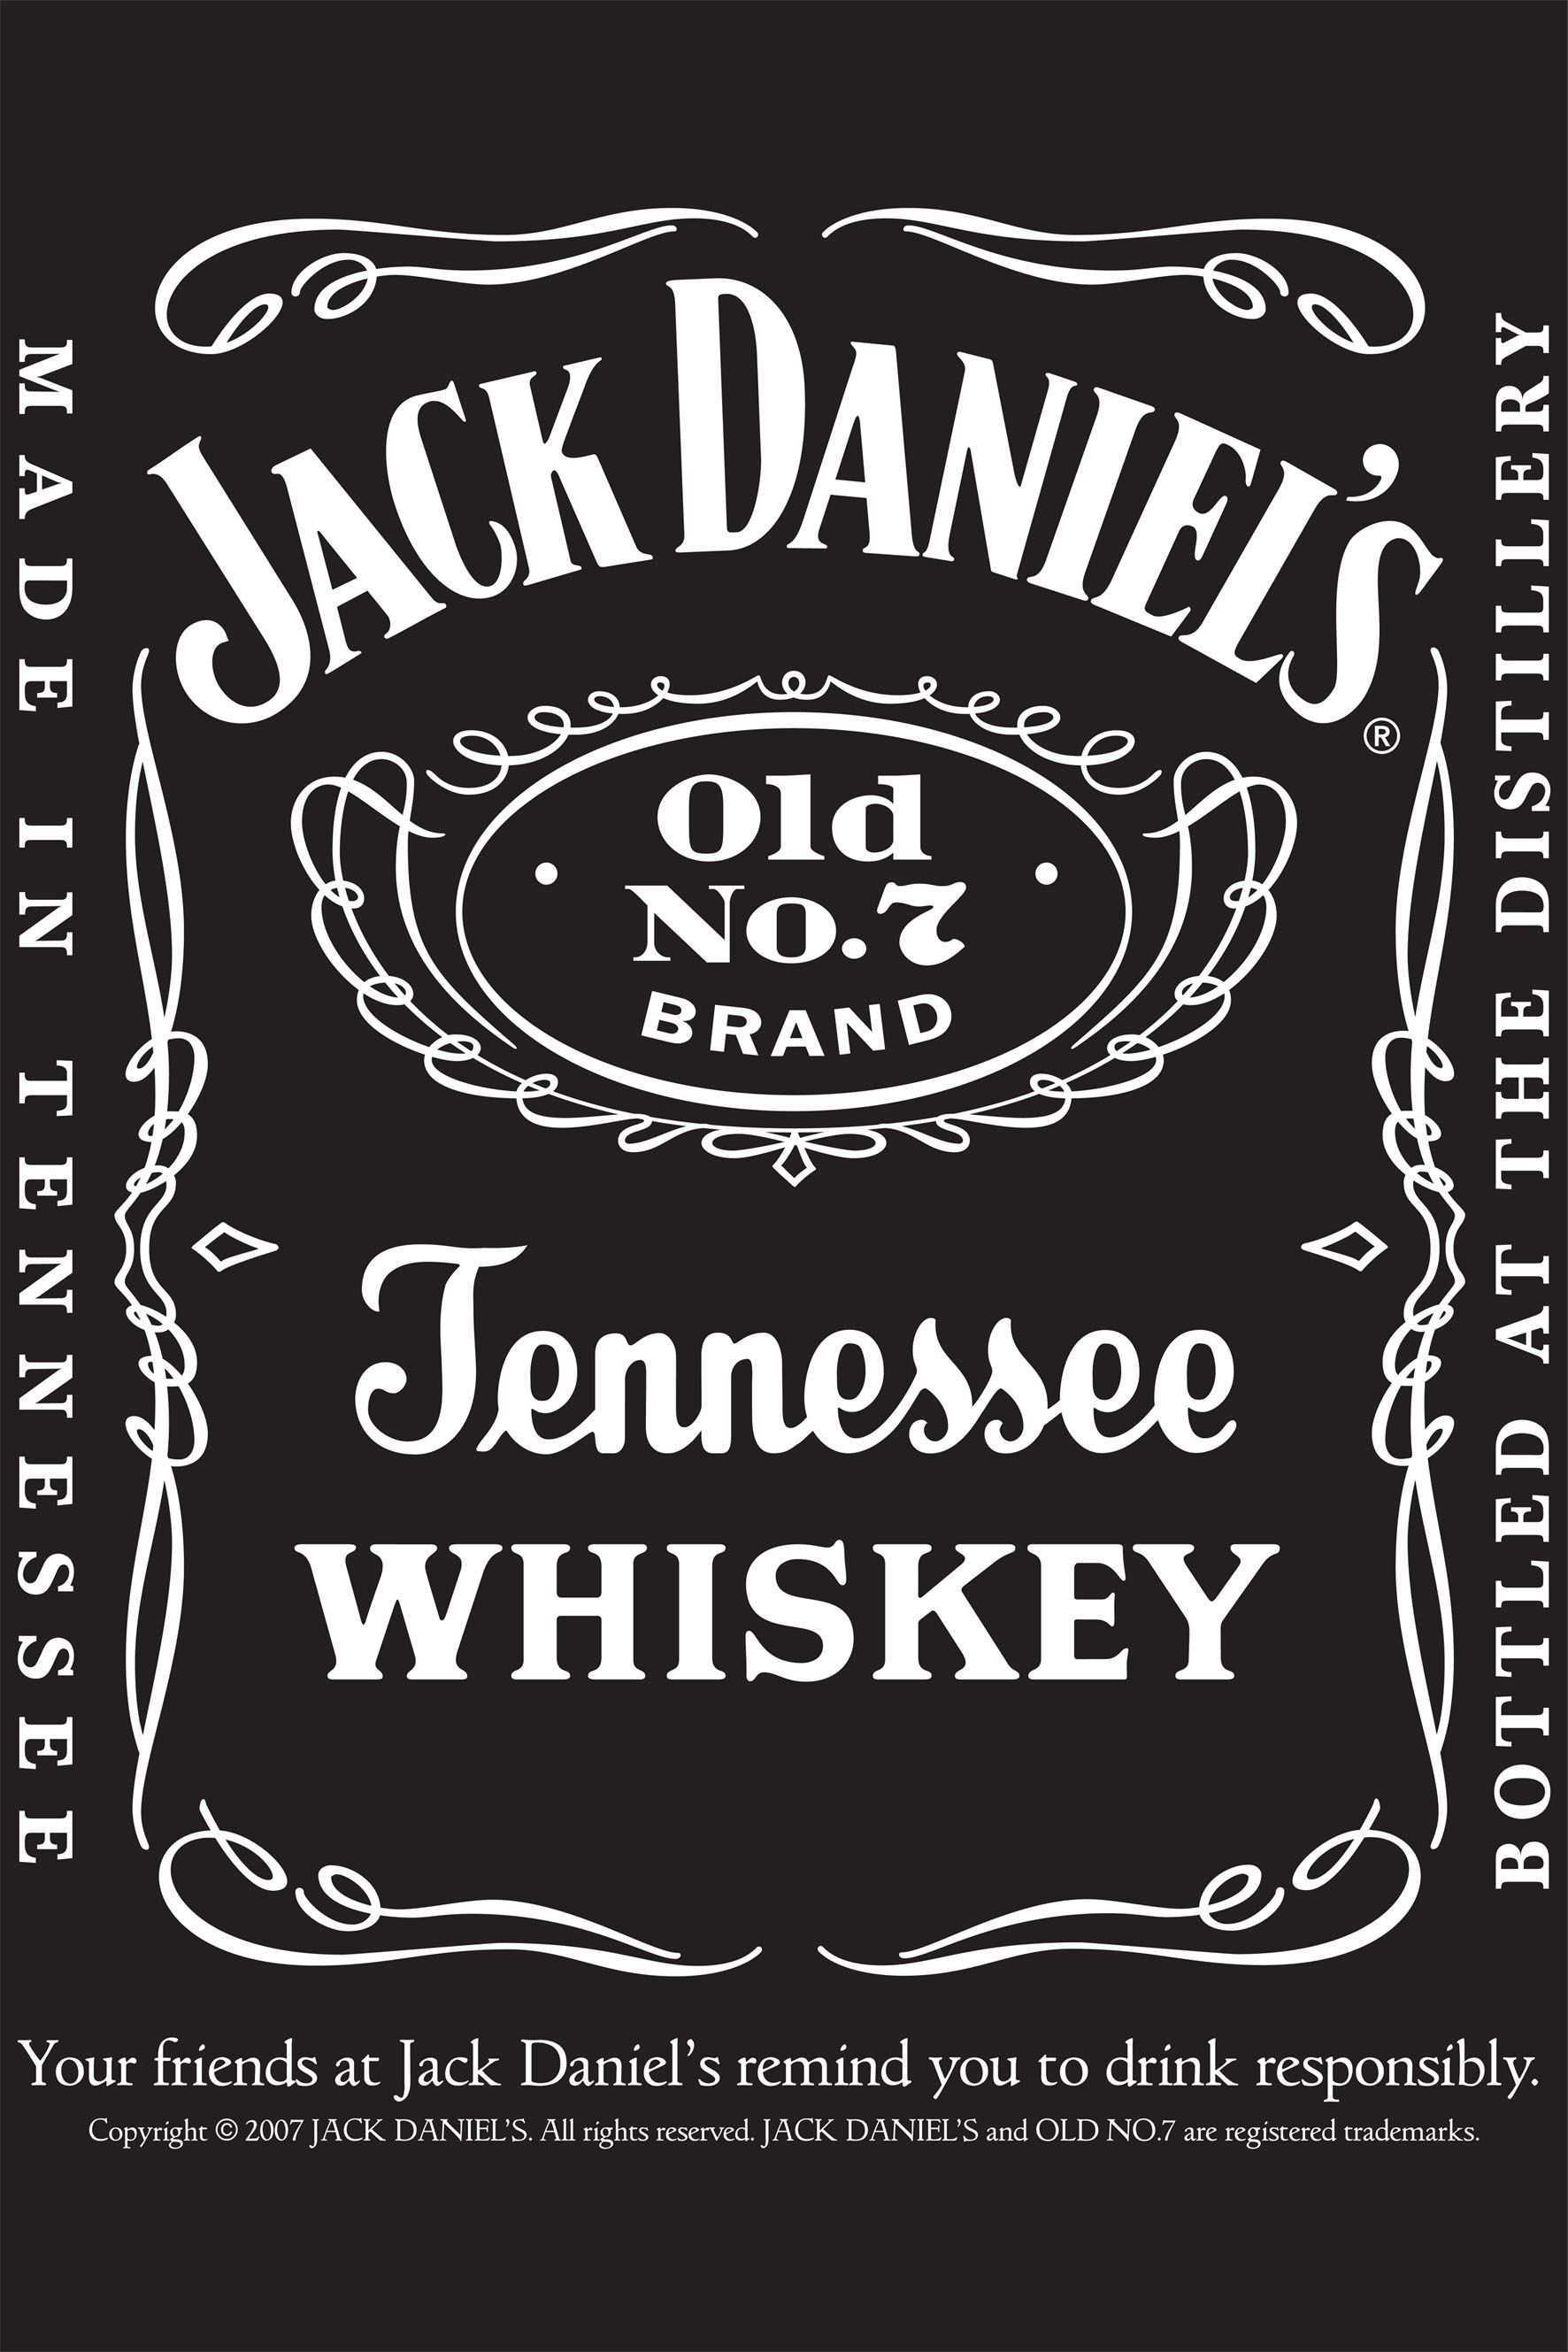 Pin By Christine Galgano On Design Vintage Graphics Jack Daniels Bottle Jack Daniels Label Jack Daniels